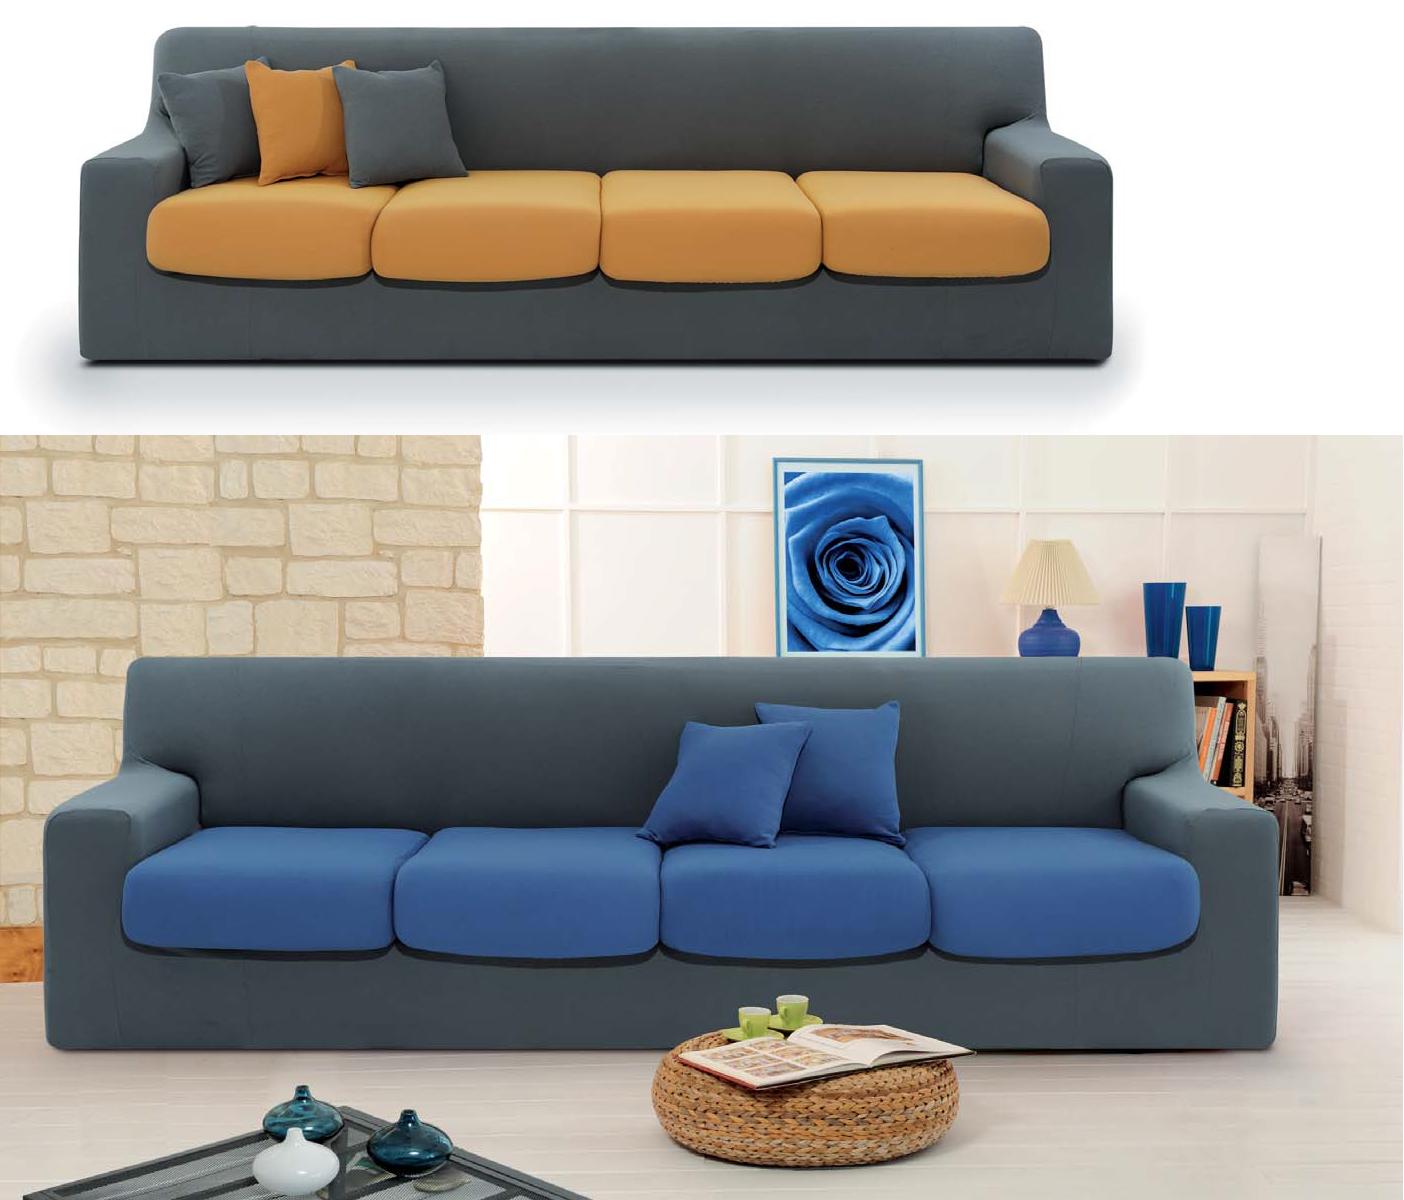 Copridivano sof cover biestensibile unito cose di casa un mondo di accessori per la casa - Copricuscini per divano ...